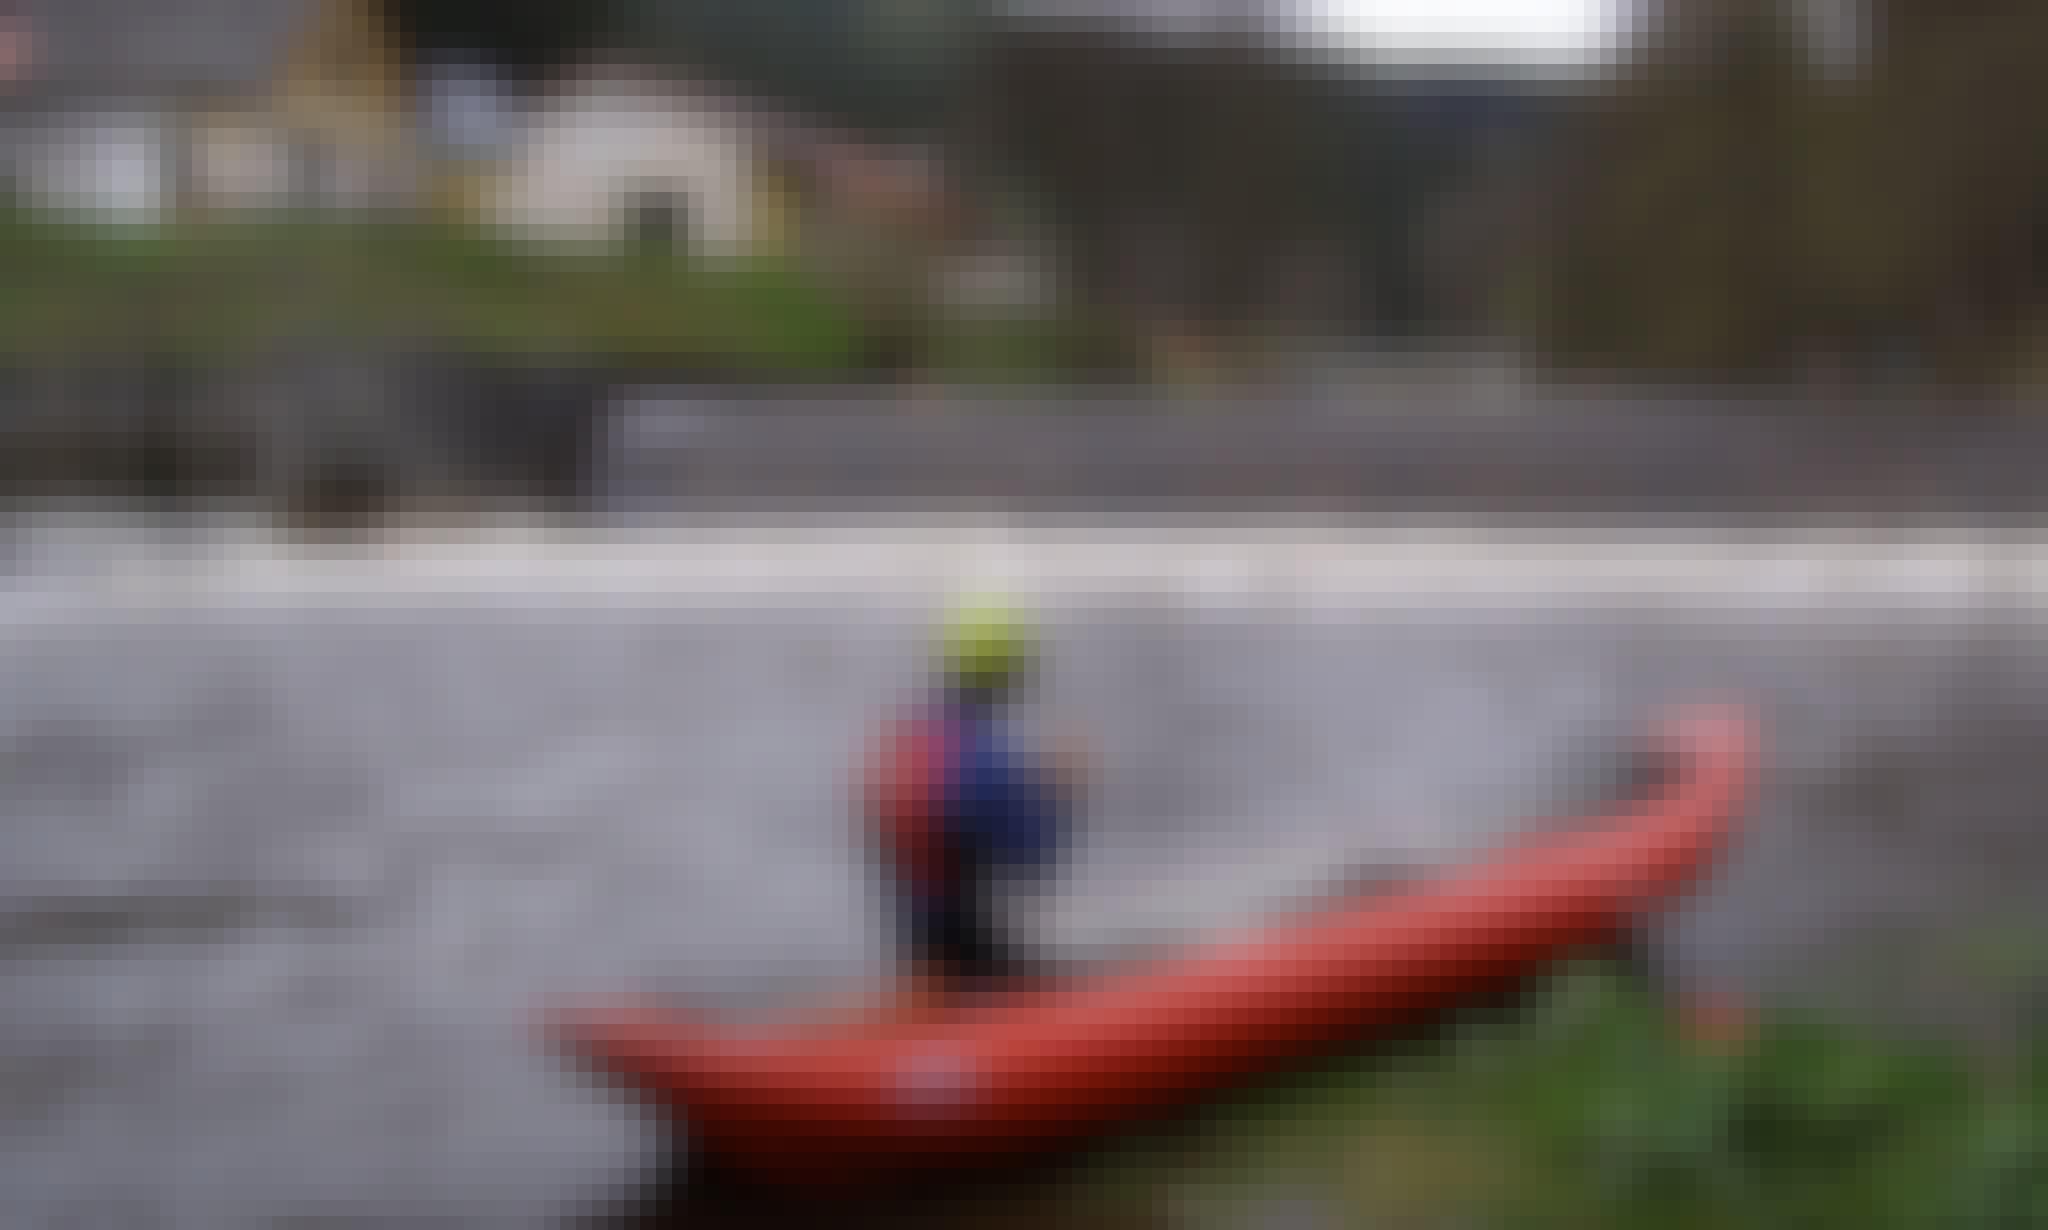 Raft Rentals in Jičín, Czechia